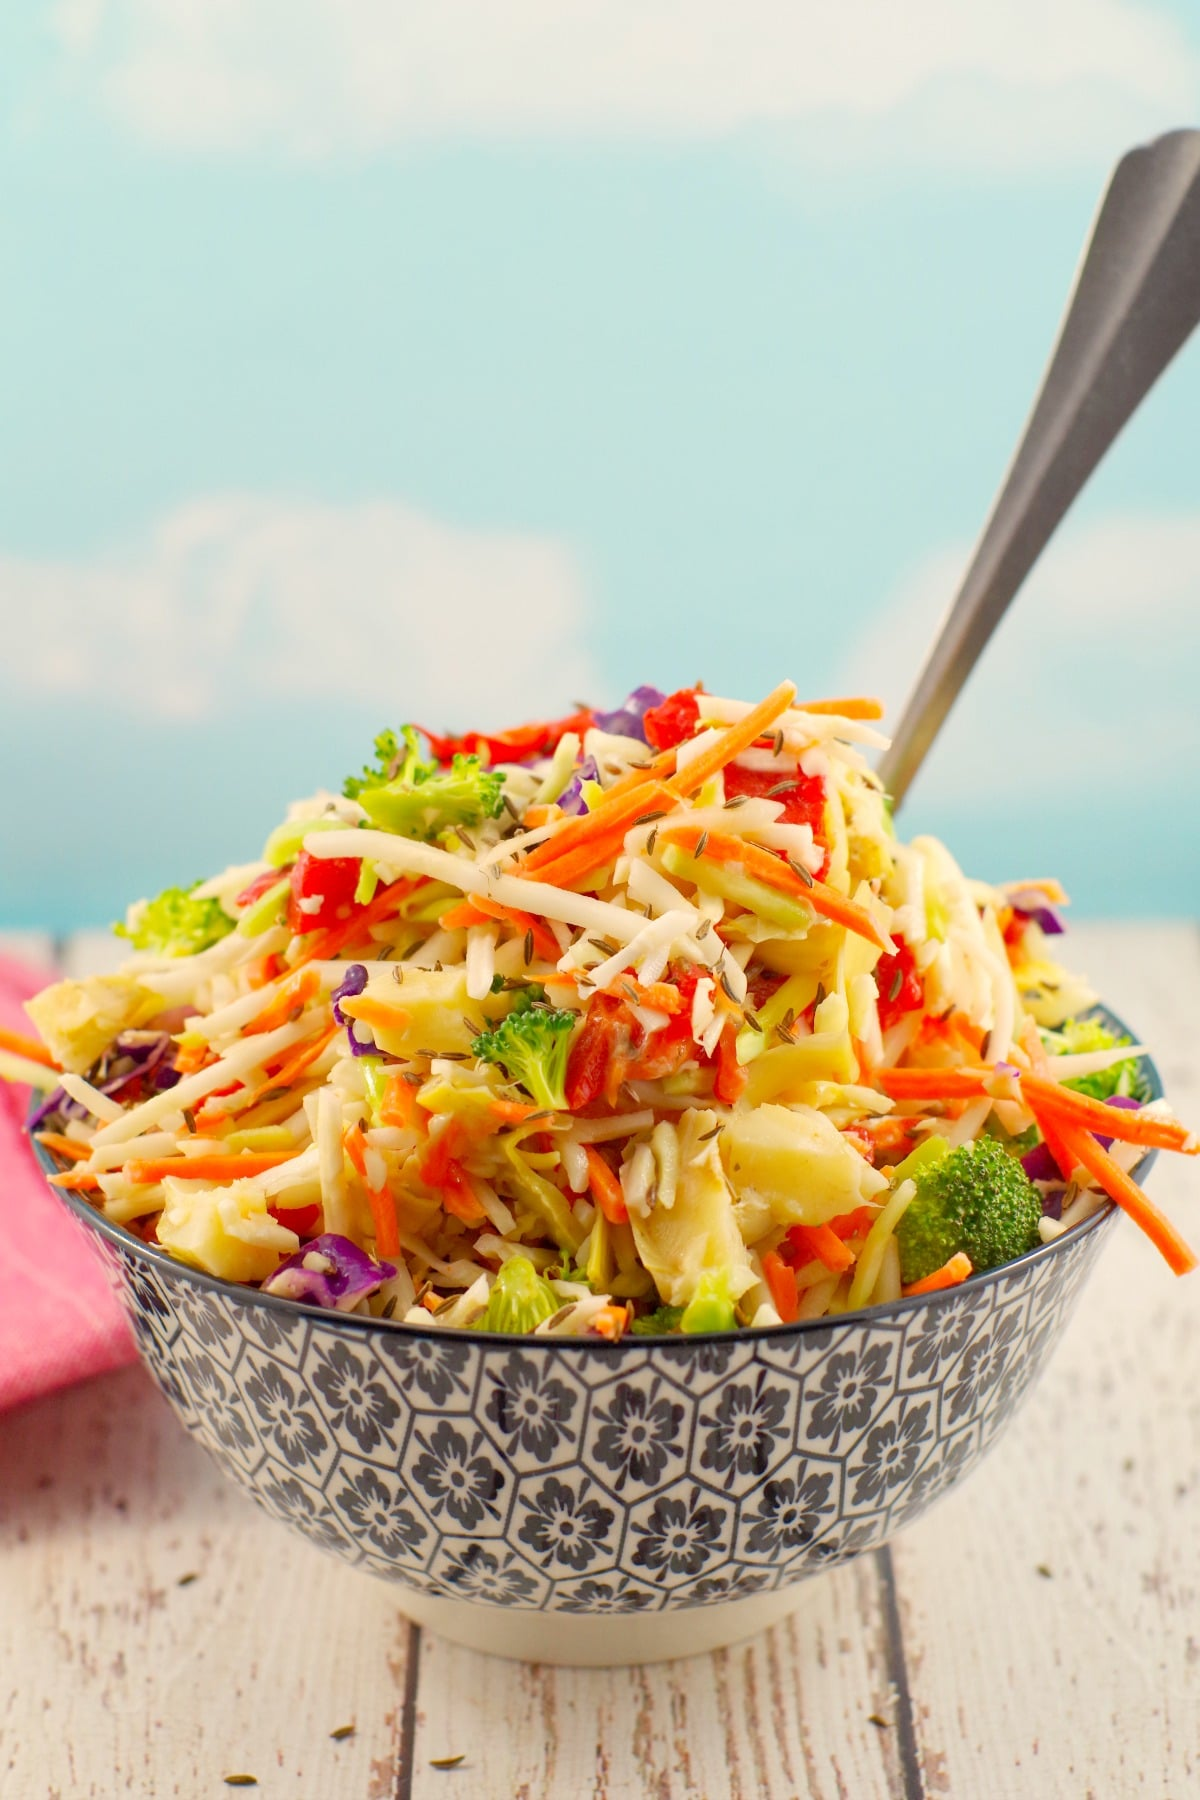 Healthy Artichoke & Roasted Red Pepper Coleslaw   Weight Watchers Friendly